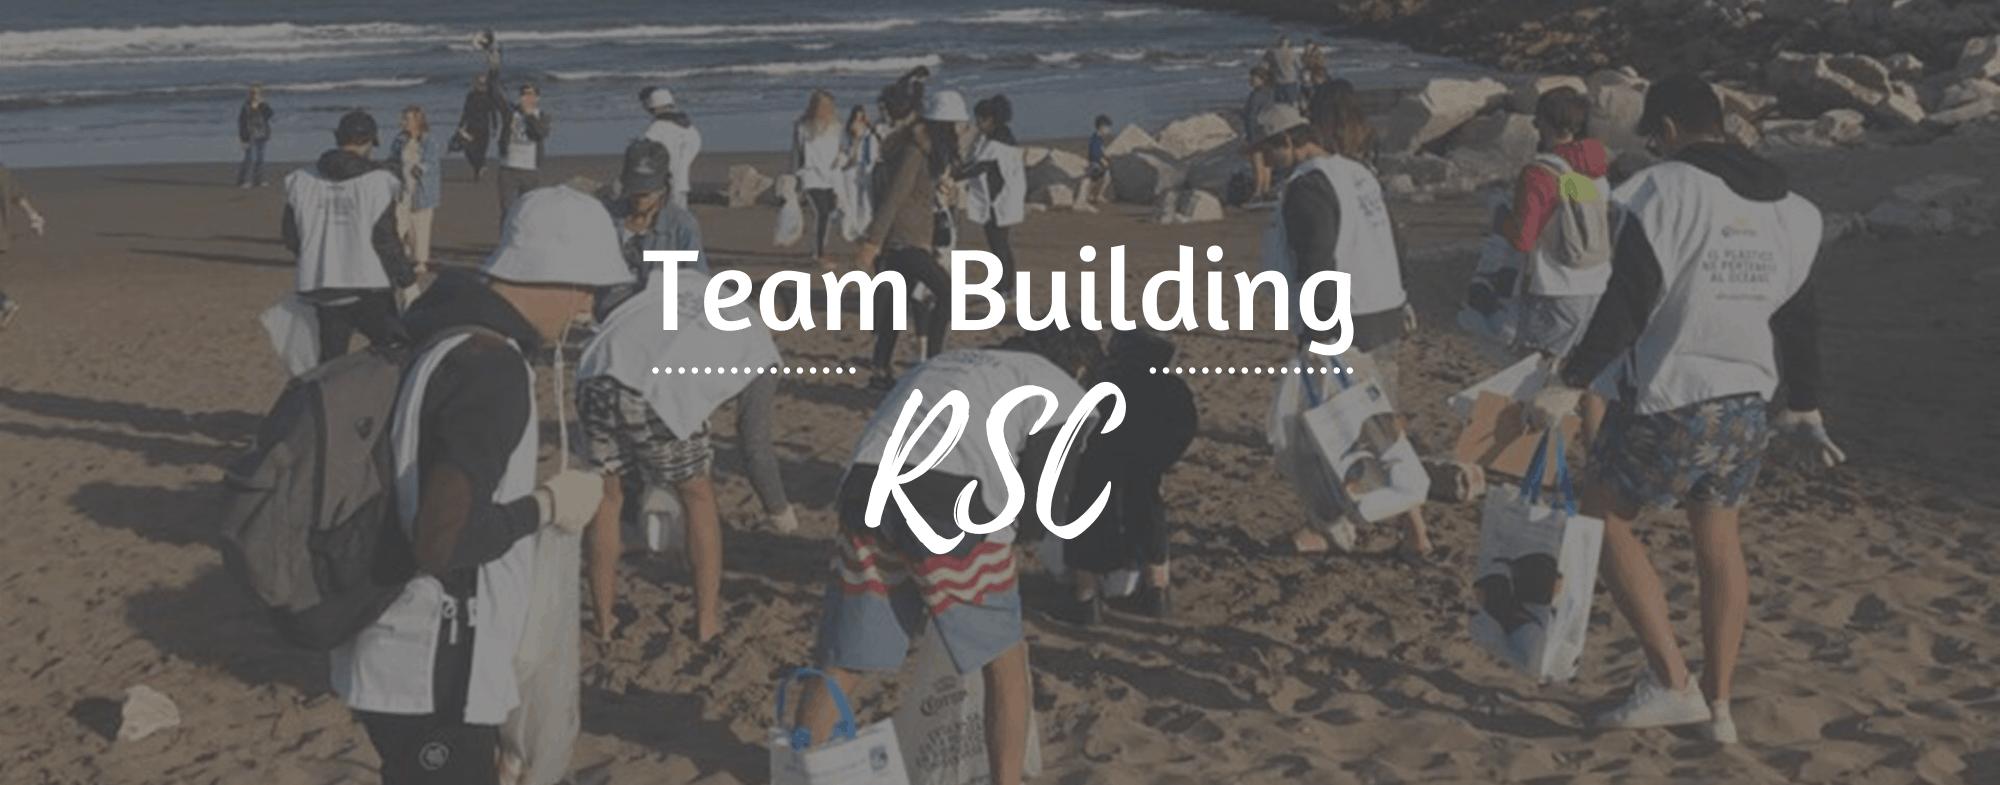 team-building-rsc-6